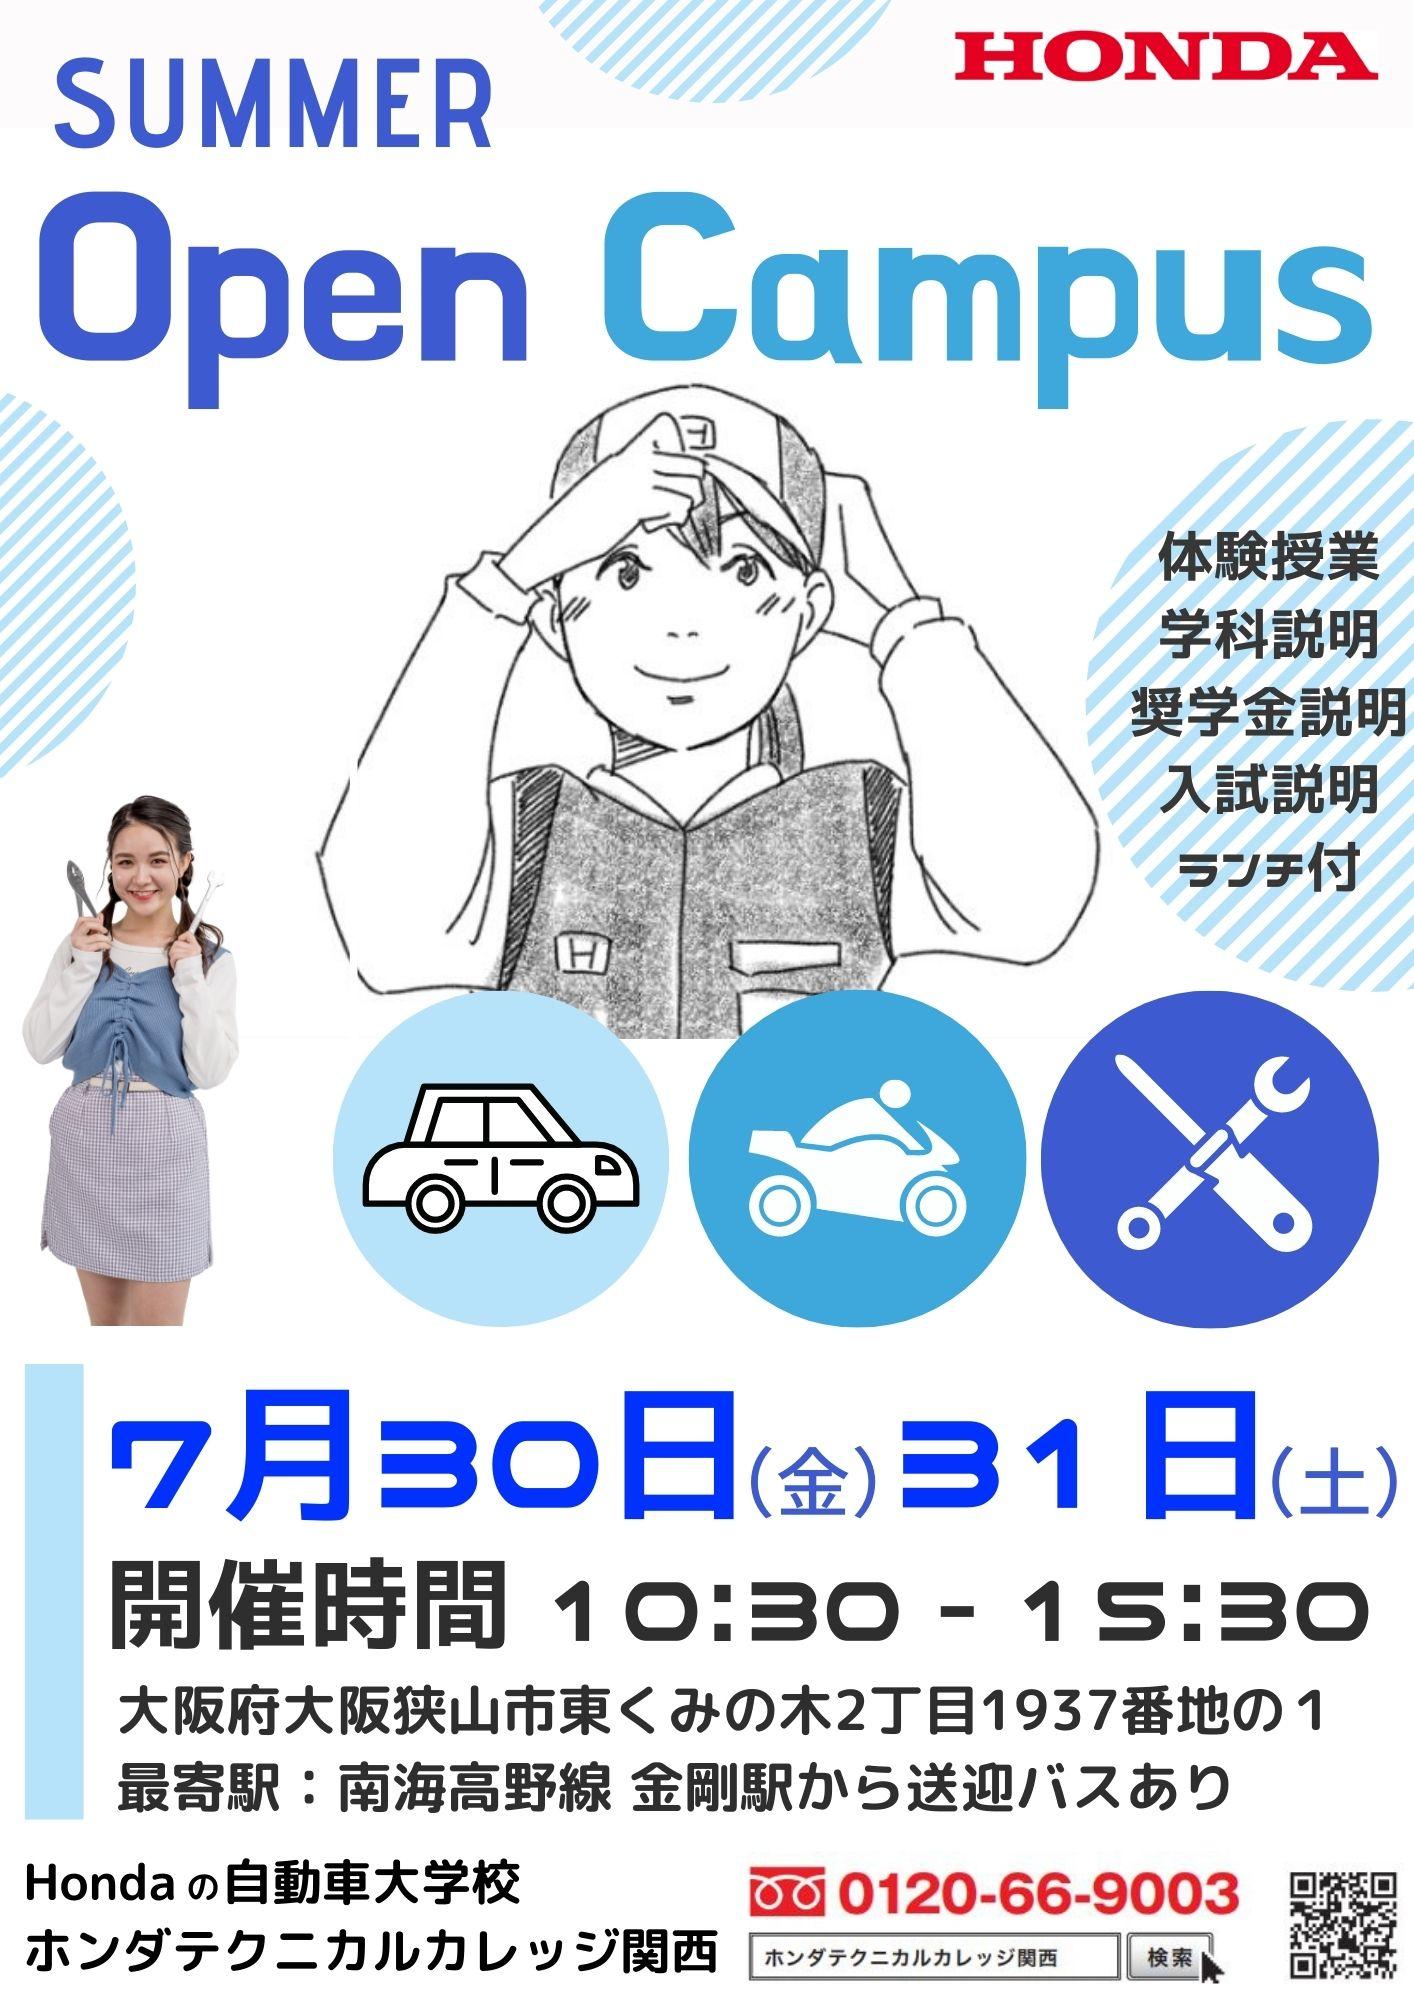 【お知らせ】夏の体験授業 日程変更について